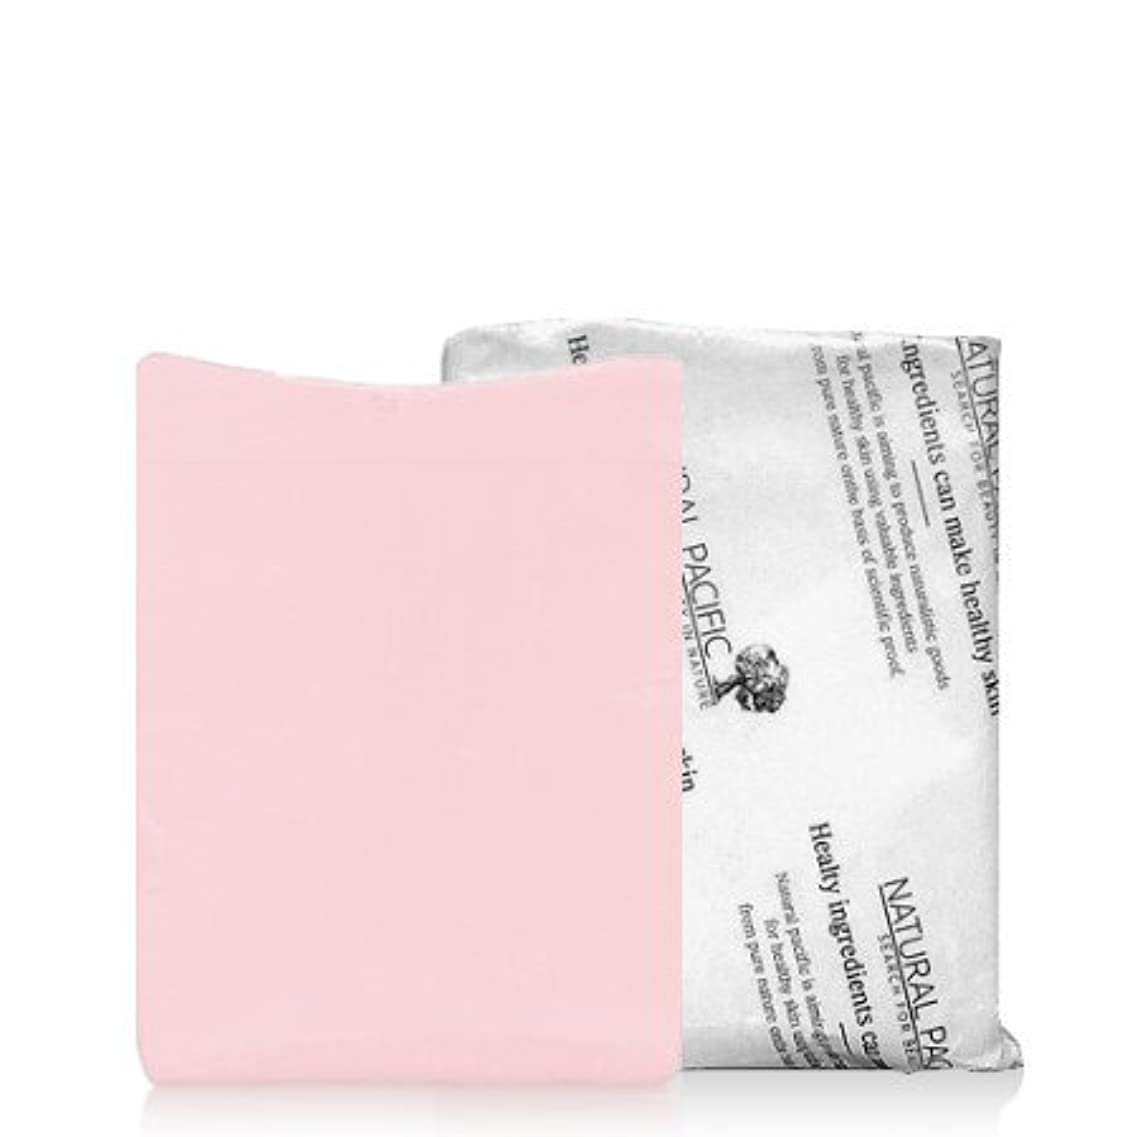 打ち上げる神話群衆NATURAL PACIFIC Pink Calming Soap/ナチュラルパシフィック ピンク カーミング ソープ (1個) [並行輸入品]